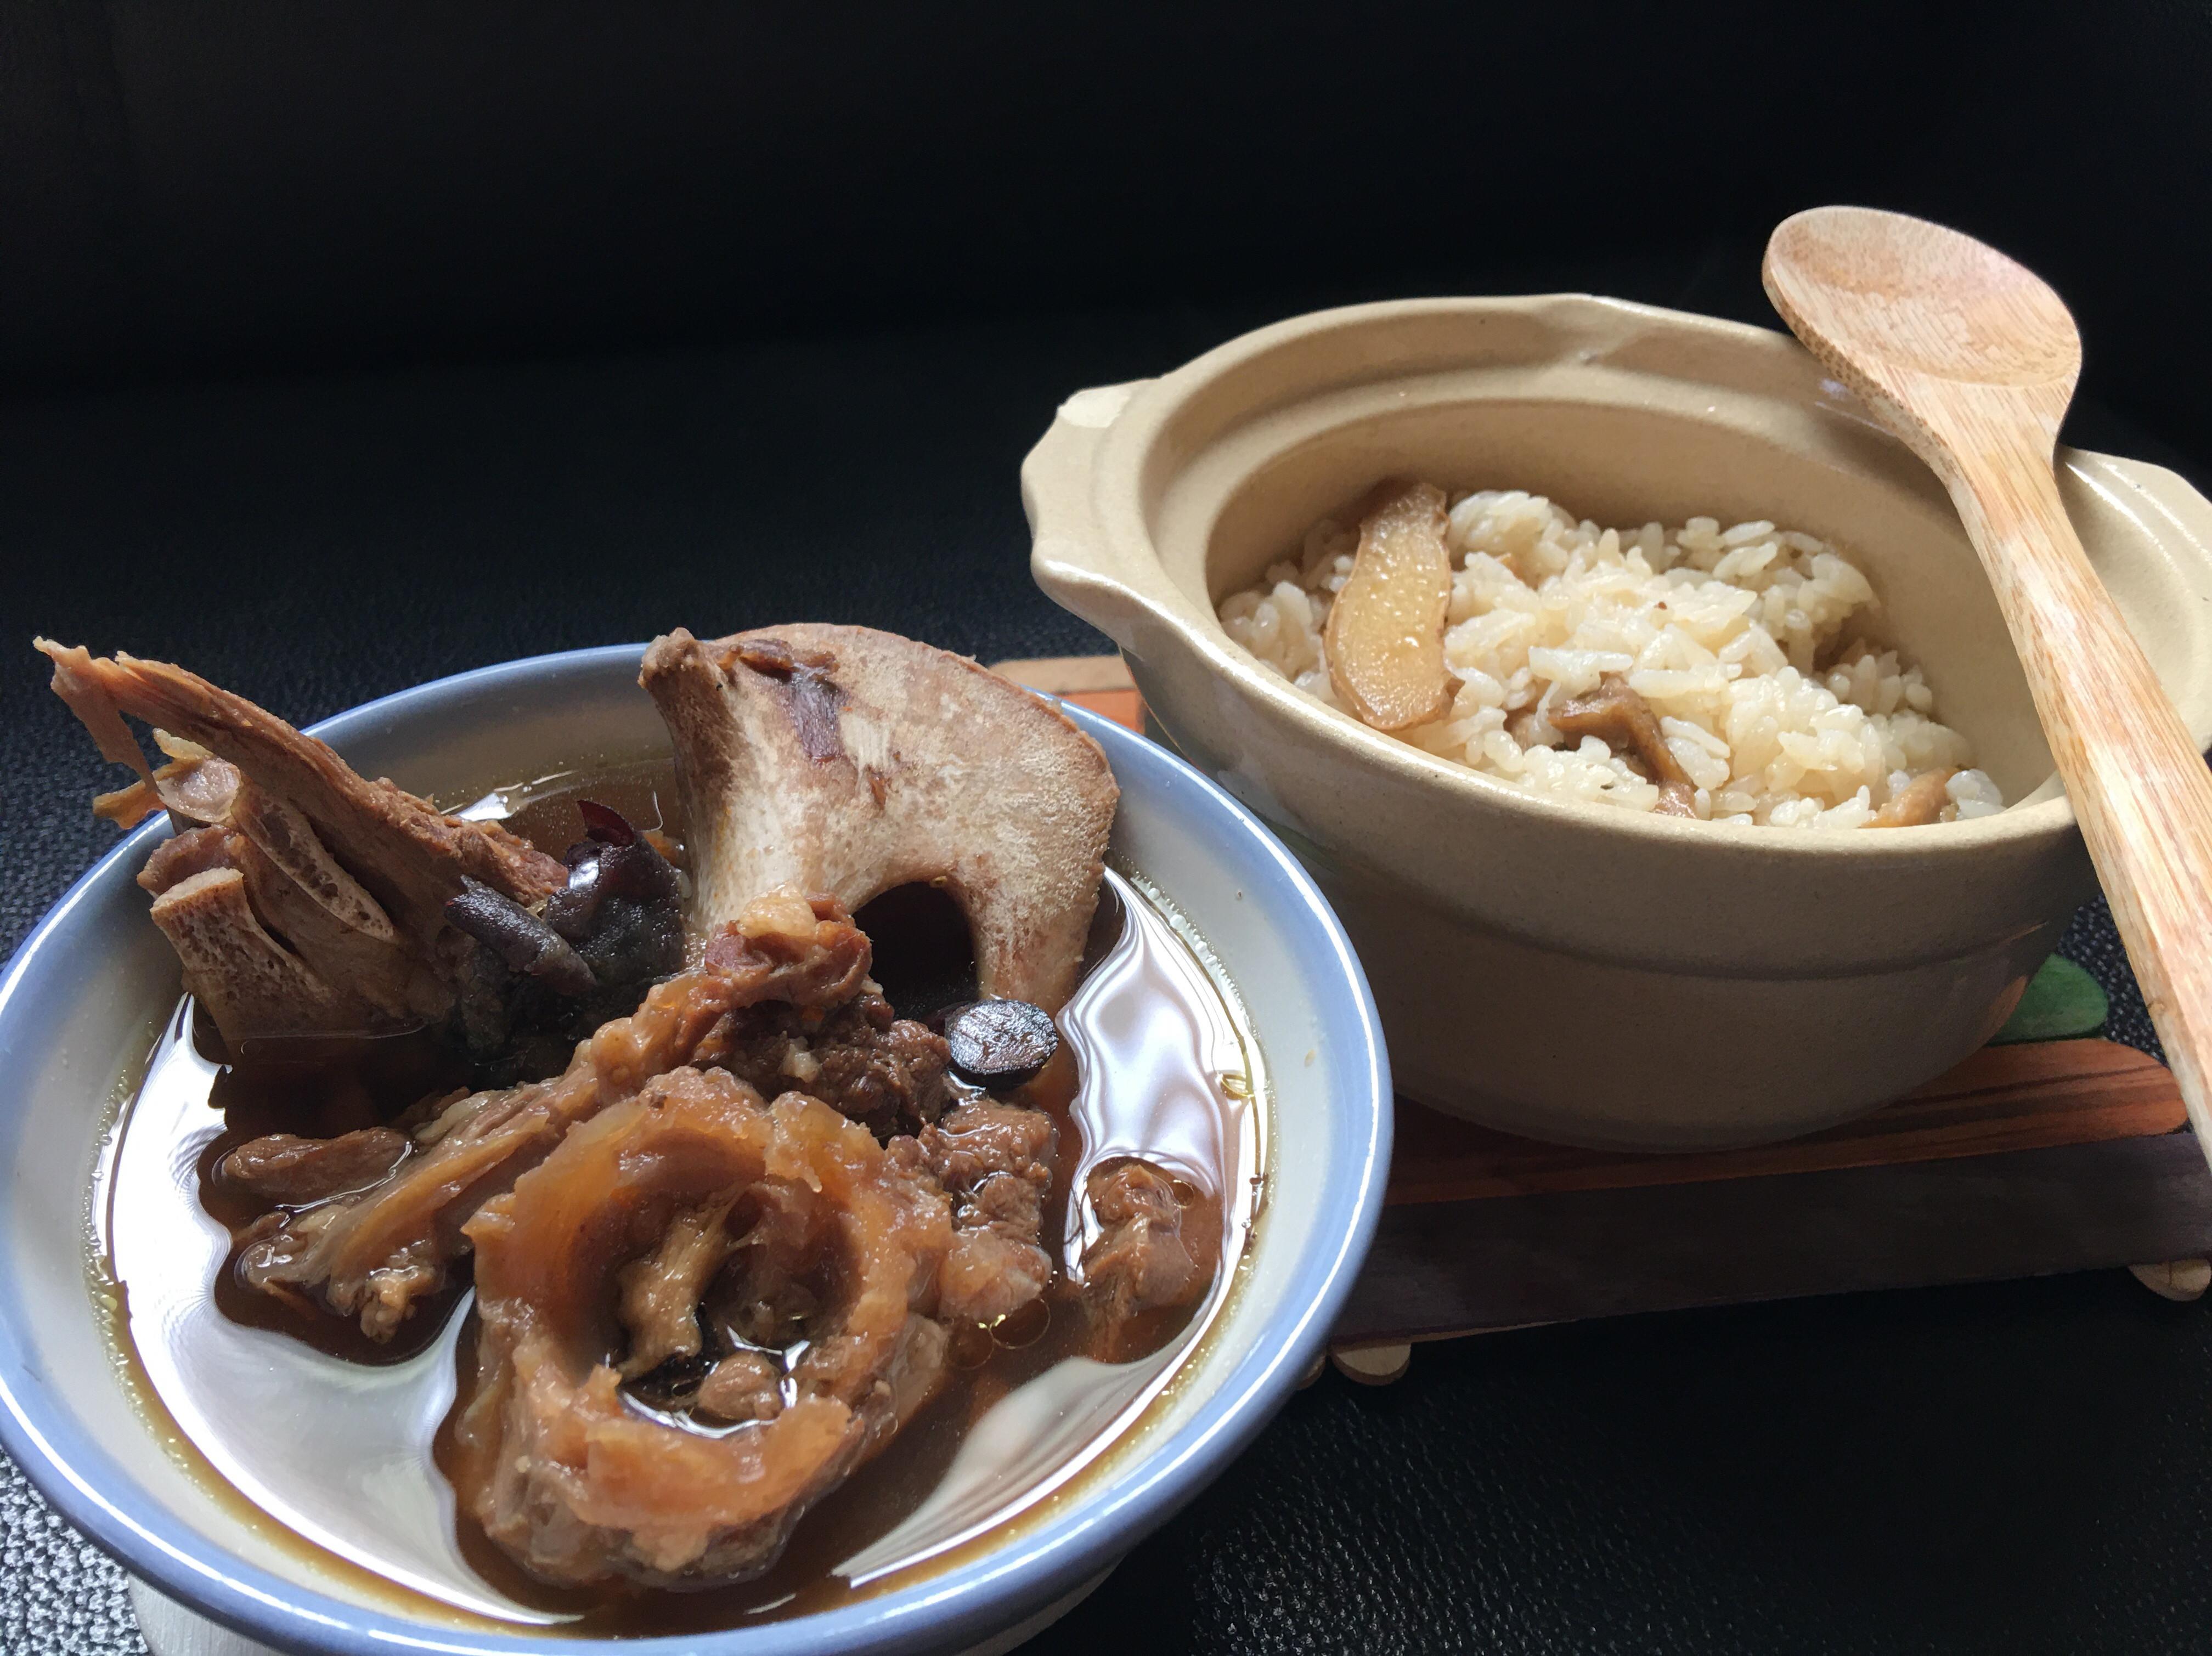 麻油飯➕藥膳羊肉湯